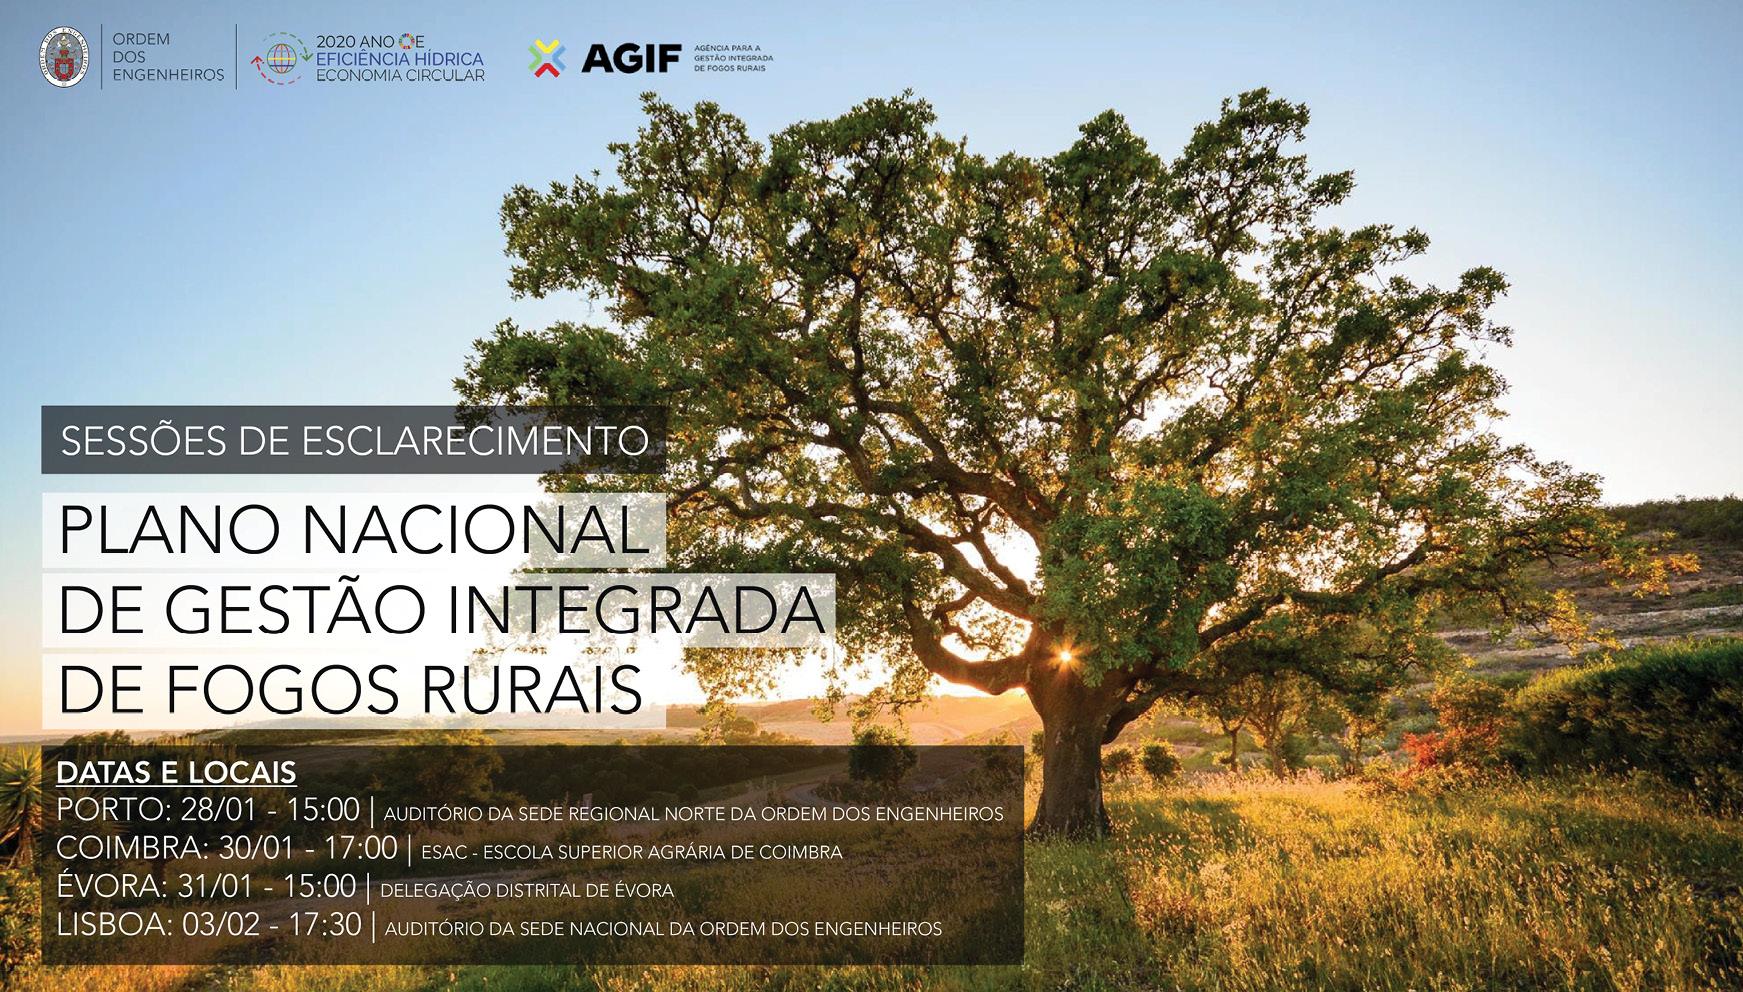 Plataforma Notícias Ordem Engenheiros Região Norte - Colégio de Florestal promove sessão de esclarecimento sobre prevenção de fogos rurais